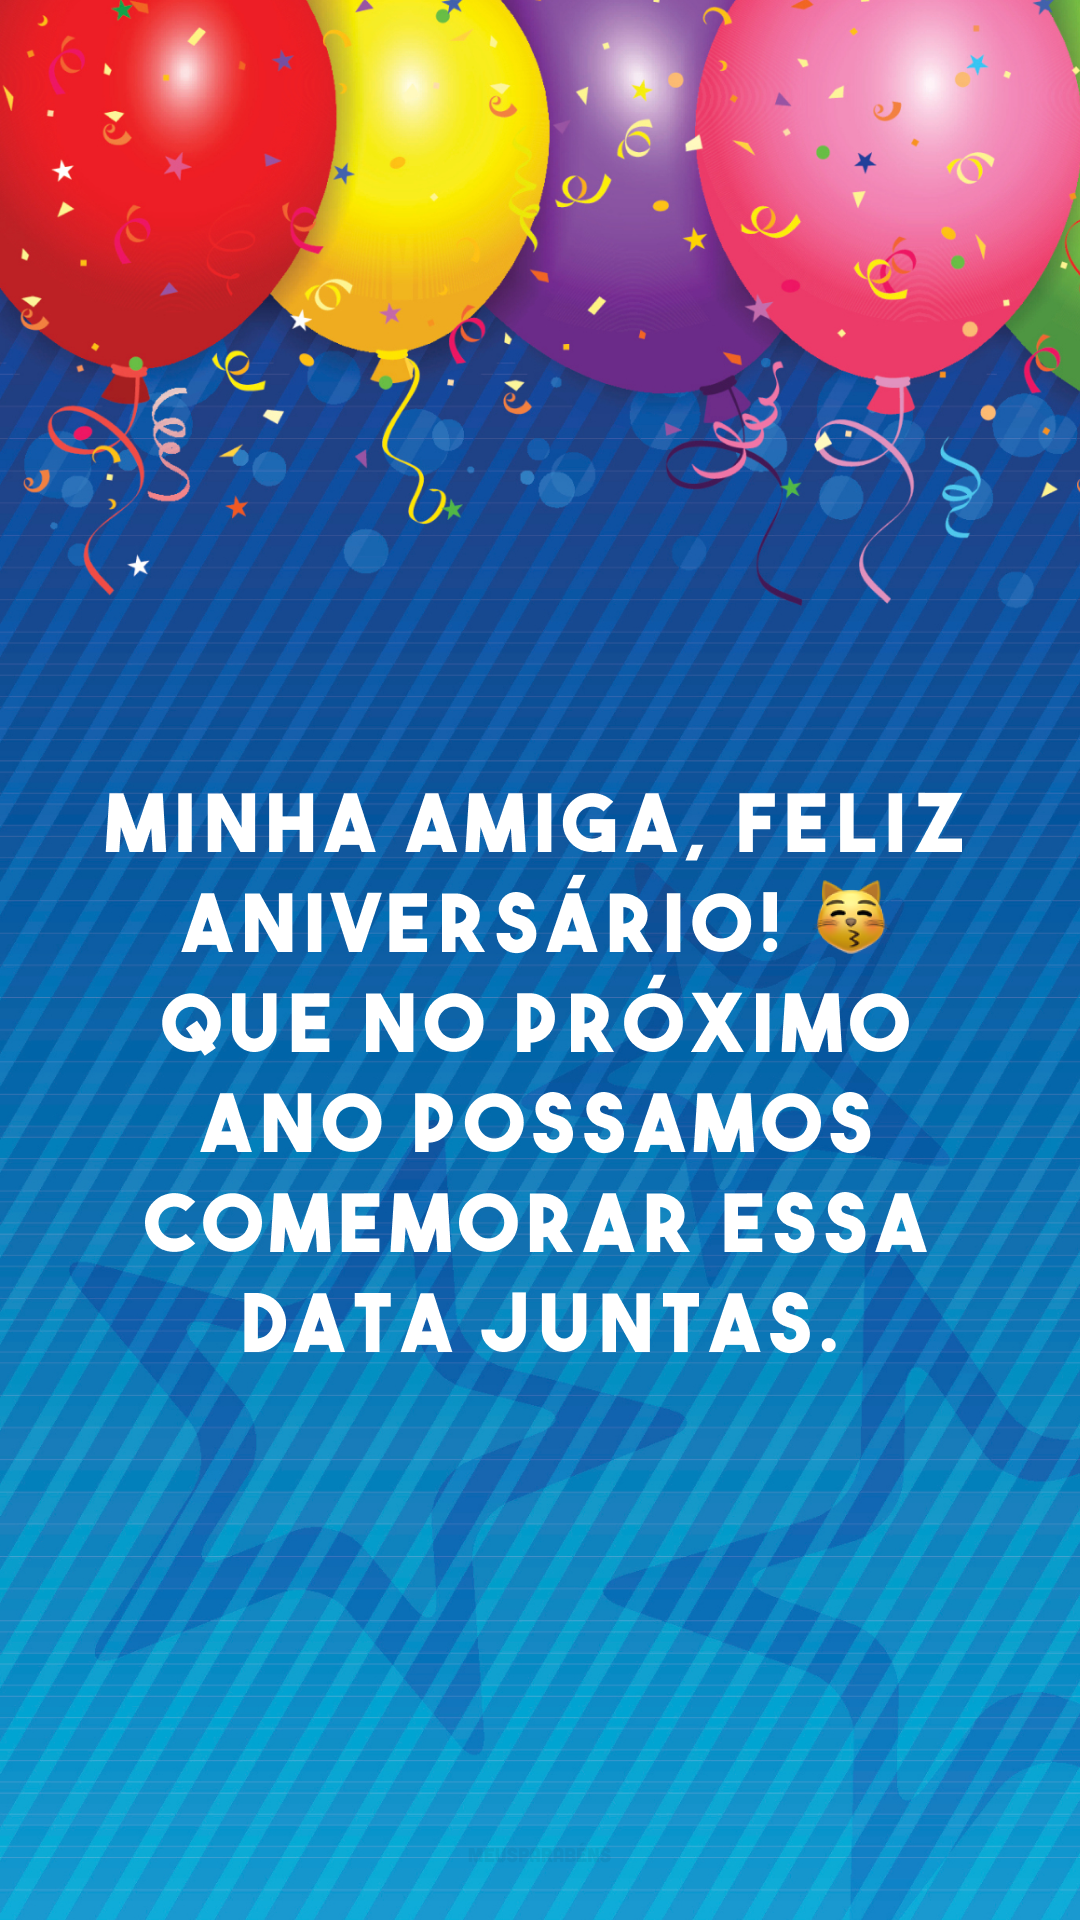 Minha amiga, feliz aniversário! 😽 Que no próximo ano possamos comemorar essa data juntas.